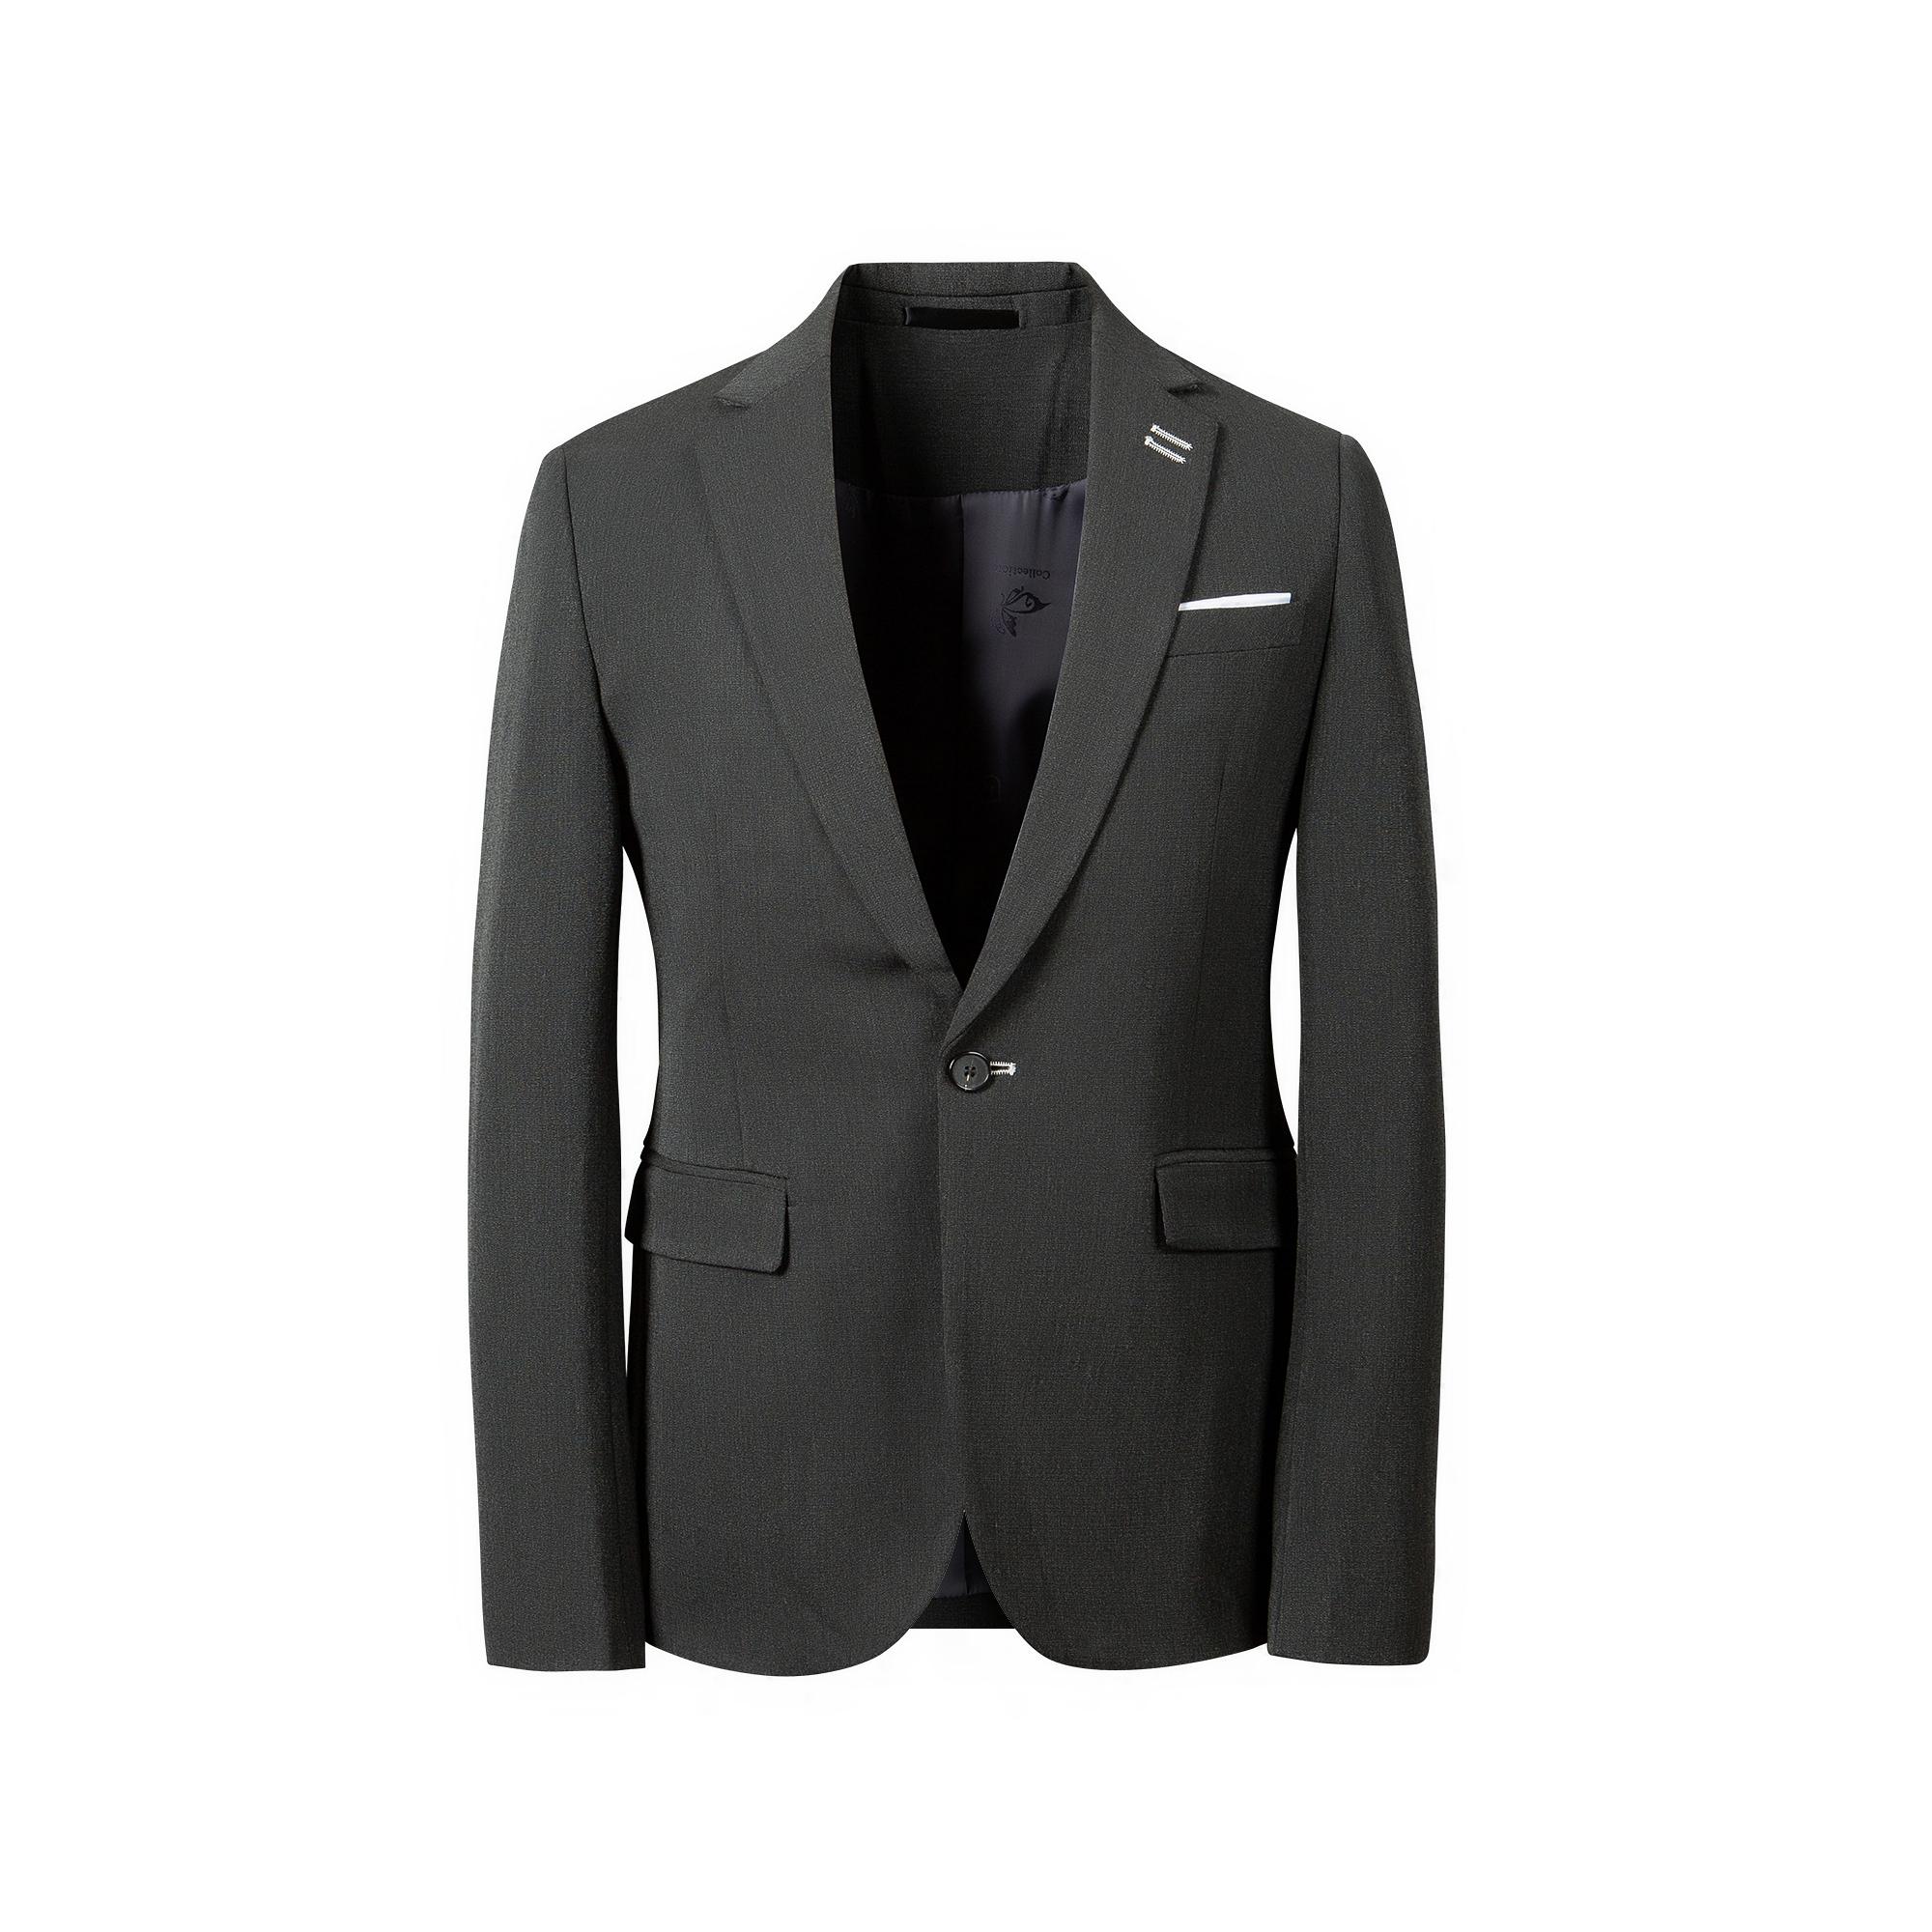 四季英伦白色扣眼免烫男士西装三件套韩版商务修身双开叉西服套装